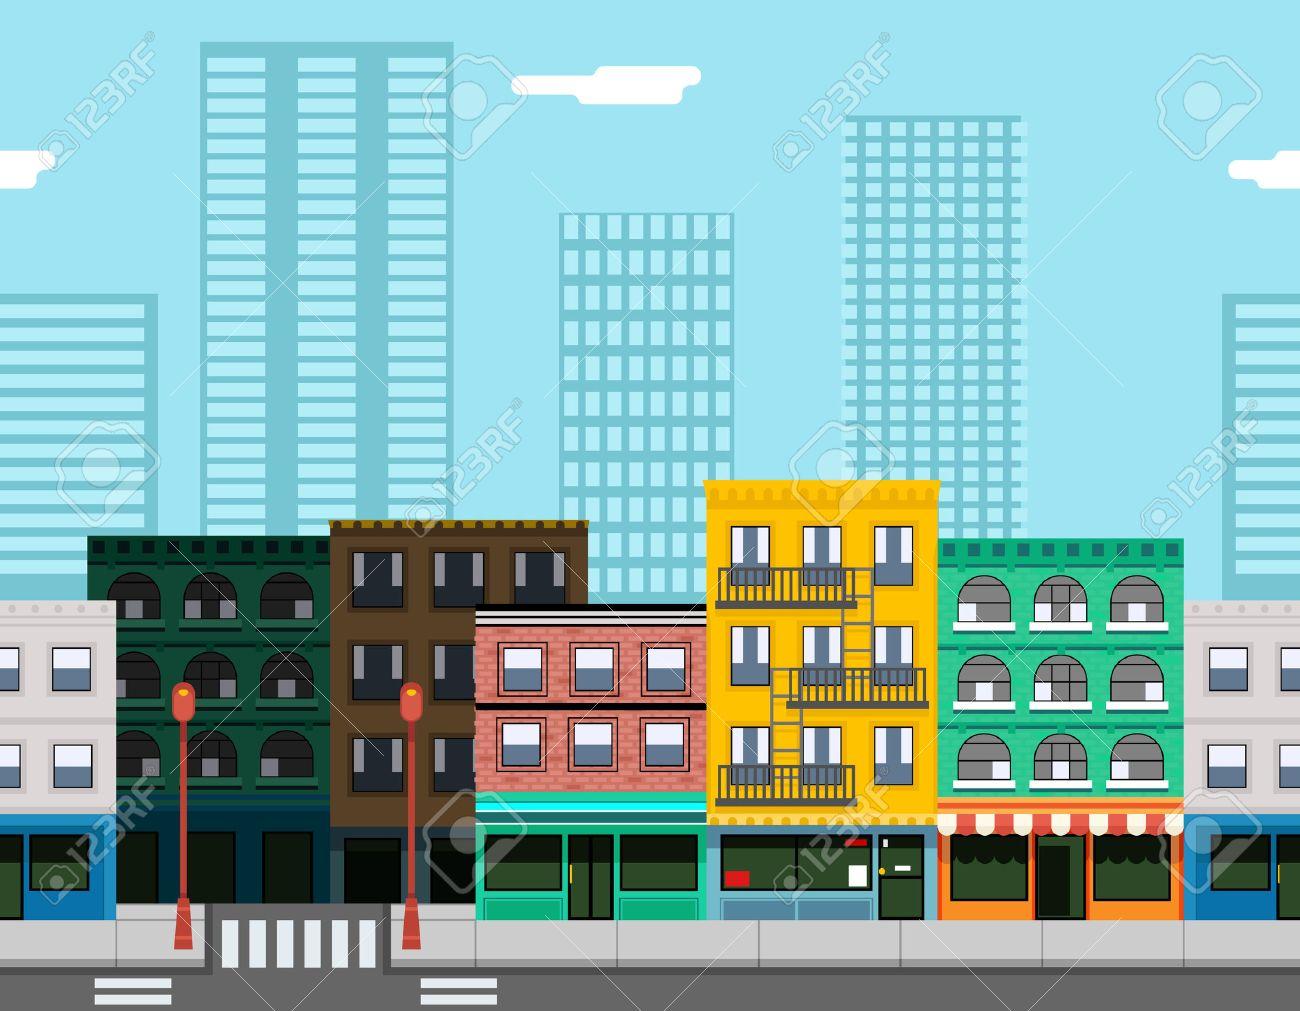 シームレスな都市ストリート コンセプト フラット設計町の風景背景ゲーム